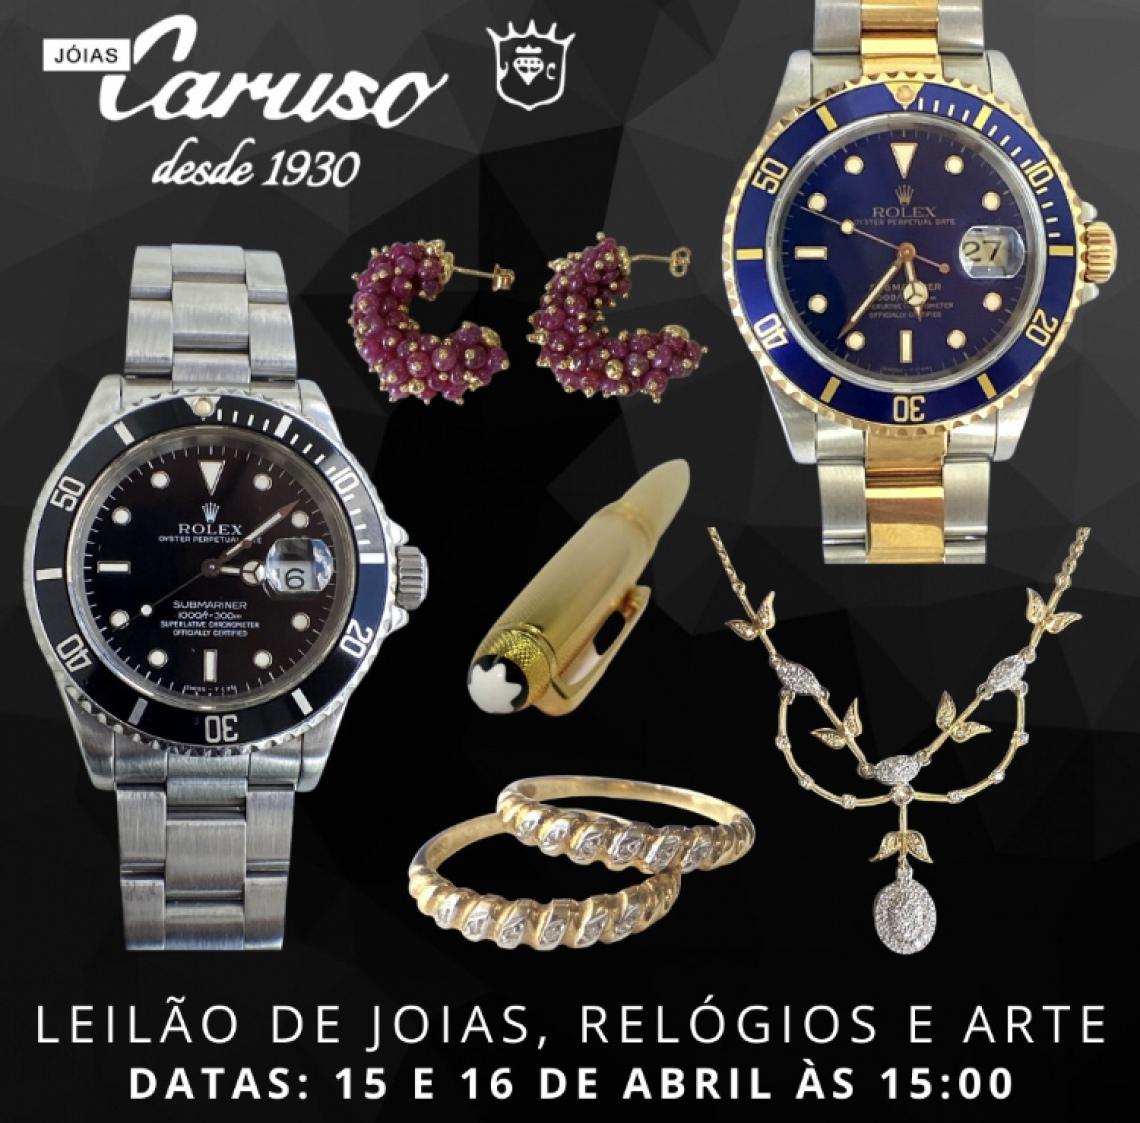 23º LEILÃO DE JOIAS RELÓGIOS E OBJETOS DE ARTE E DECORAÇÃO - JOIAS CARUSO